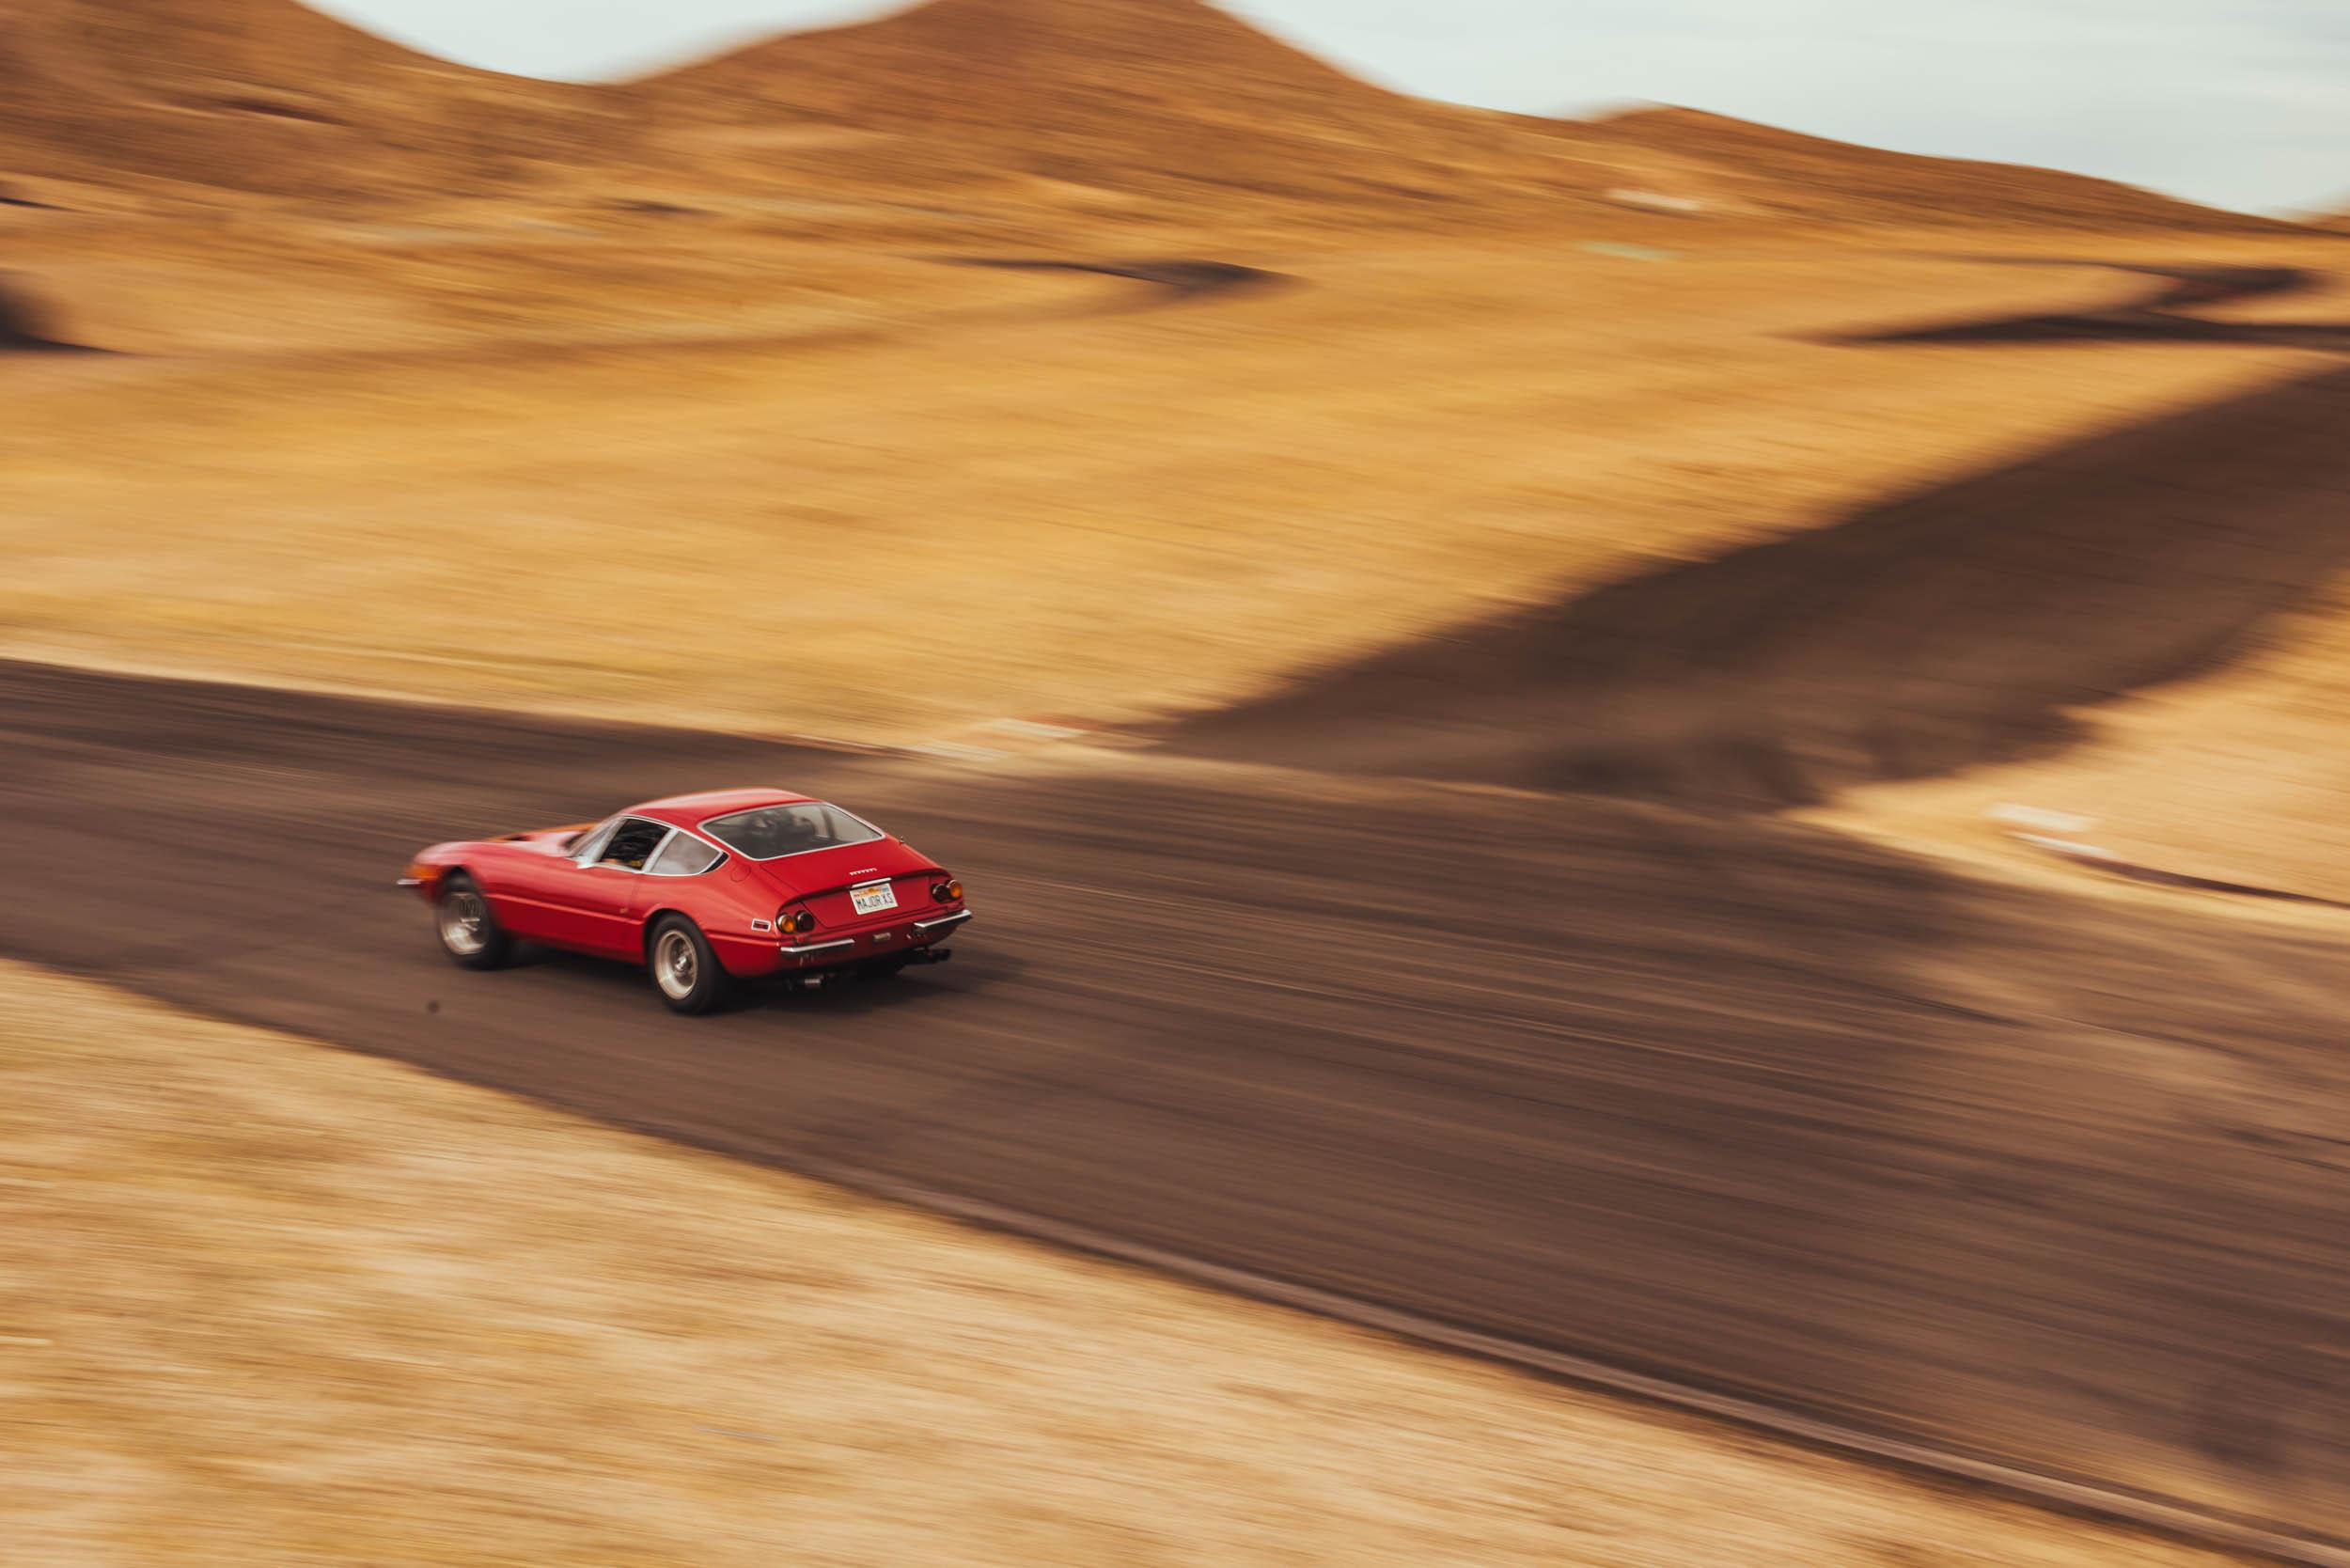 1971 Ferrari Daytona 365 GTB/4